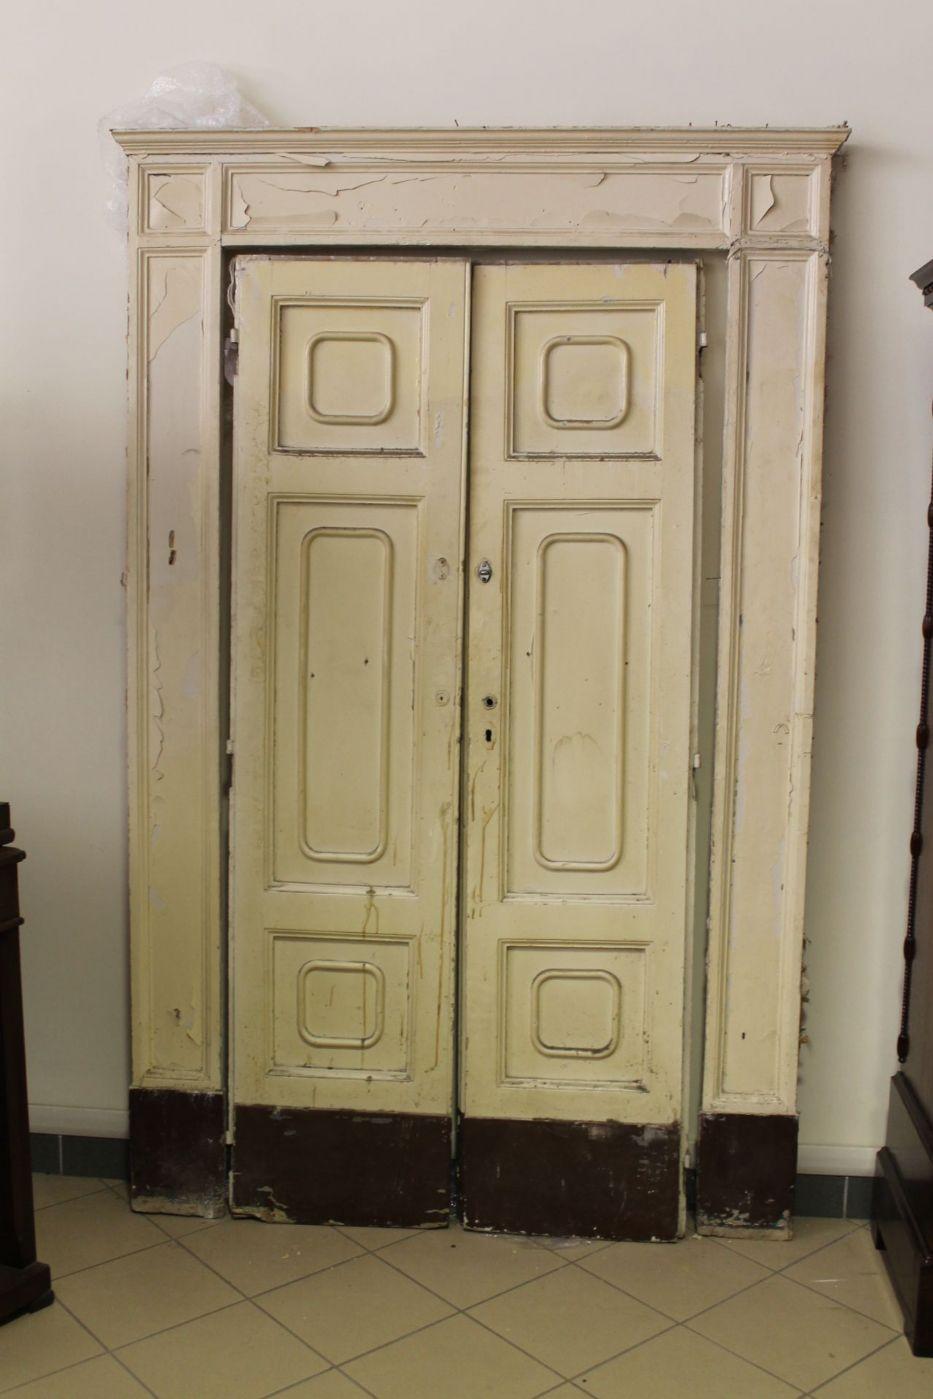 Porta antiche armadio a muro placard epoca 800 da - Porta a muro ...